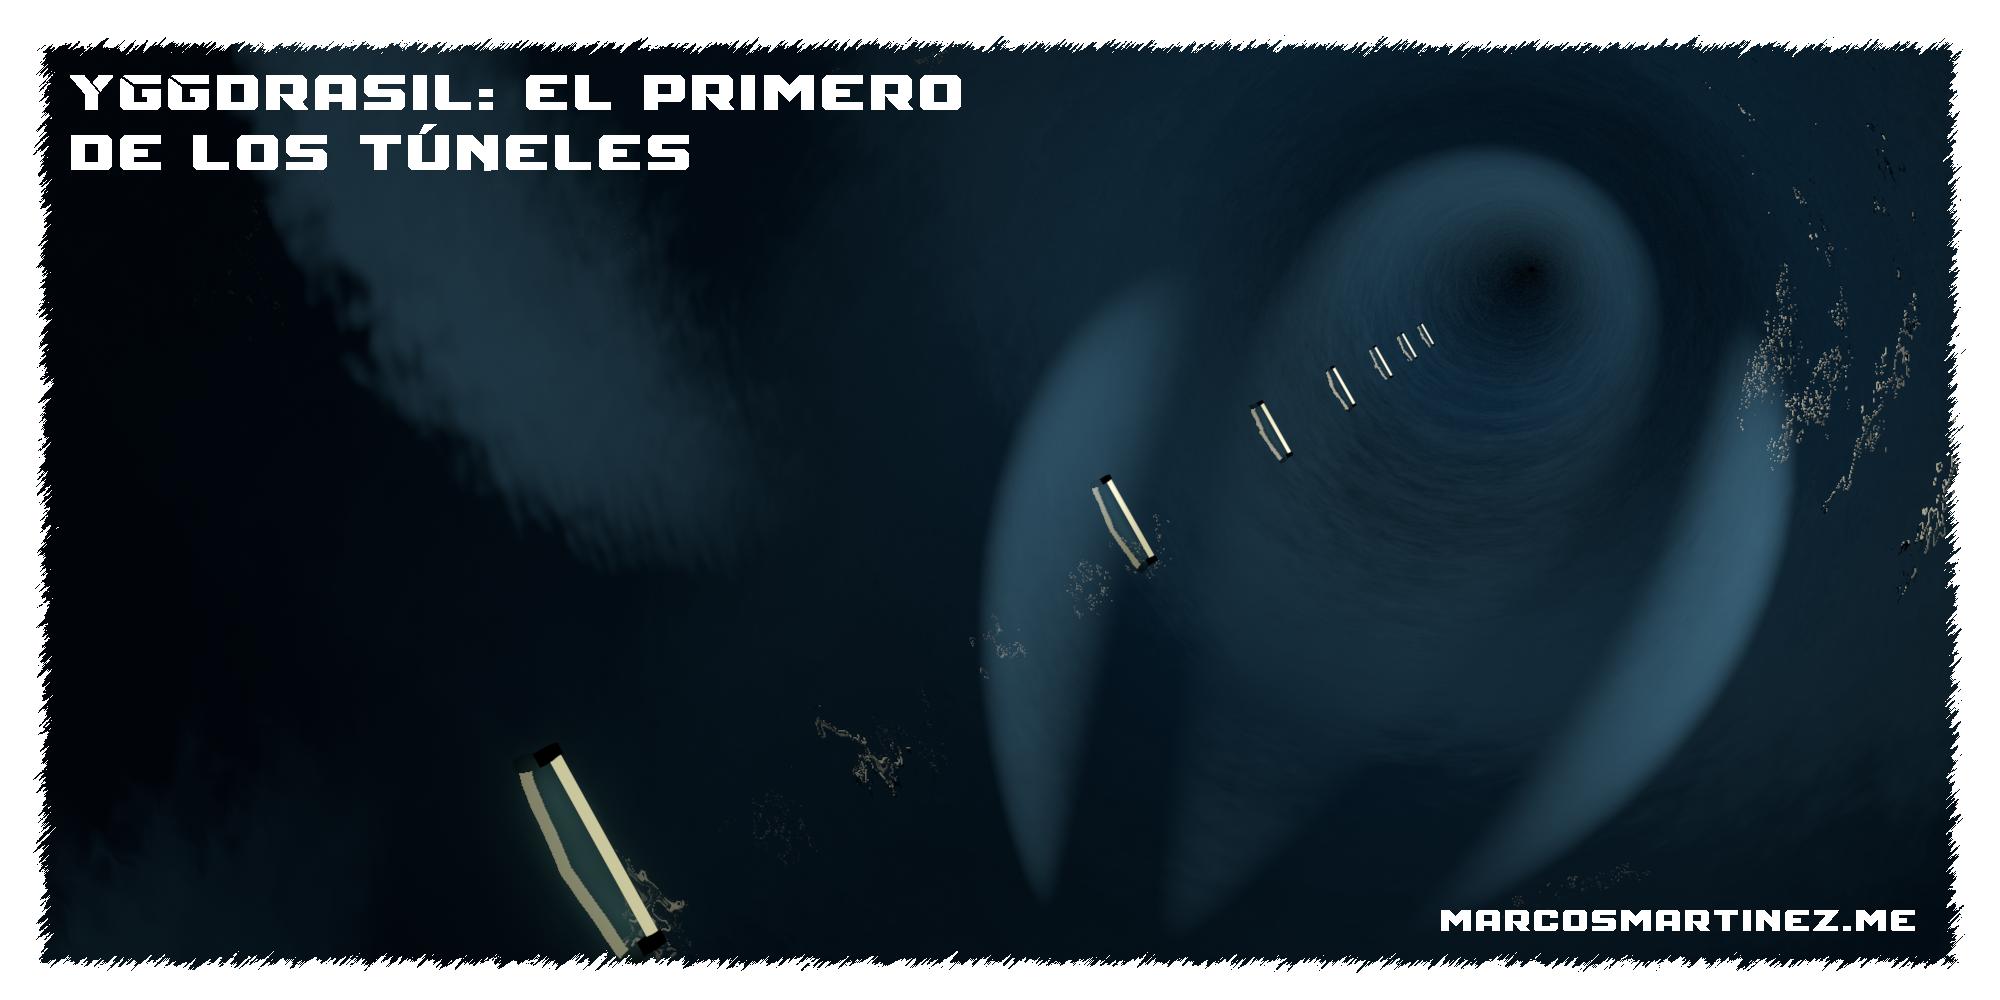 Cartel «Yggdrasil el primero de los túneles»